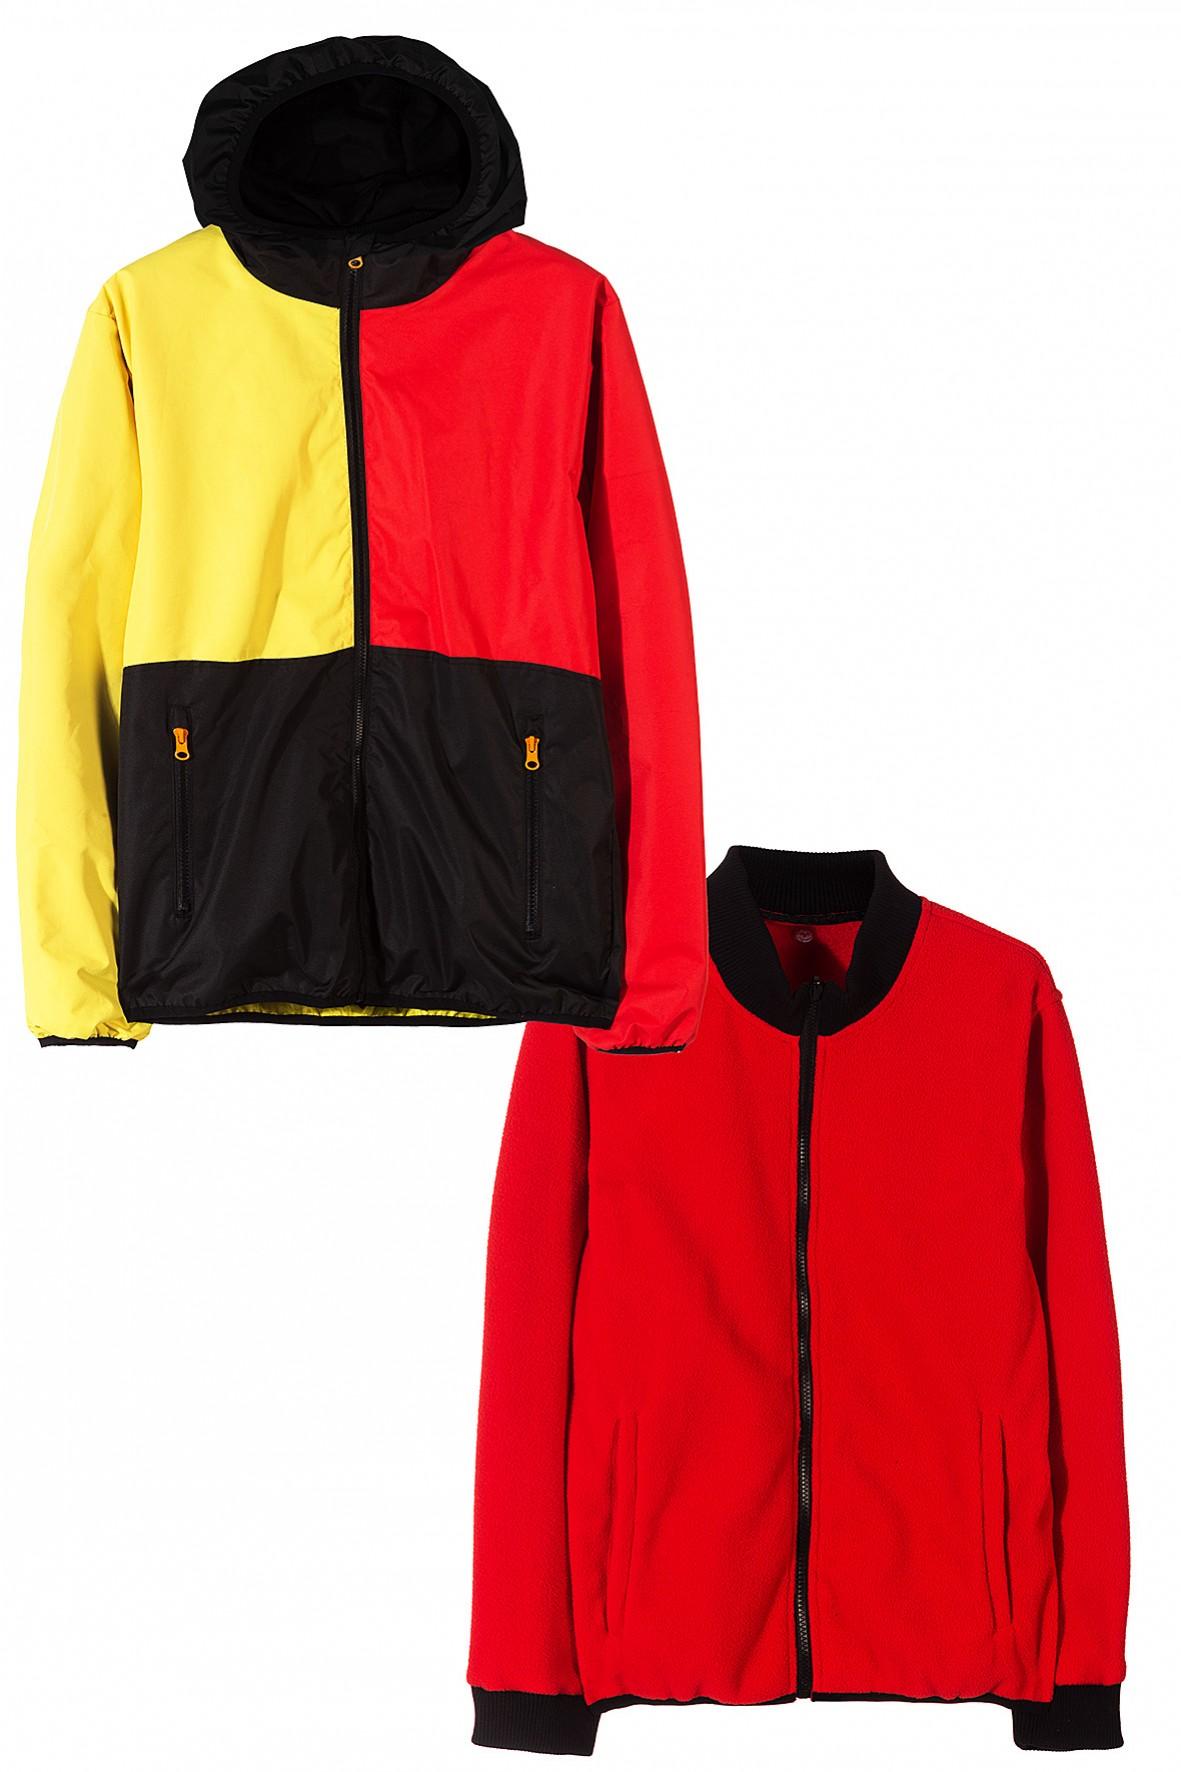 Kurtka chłopięca 3w1- kurtka z odpinana bluzą